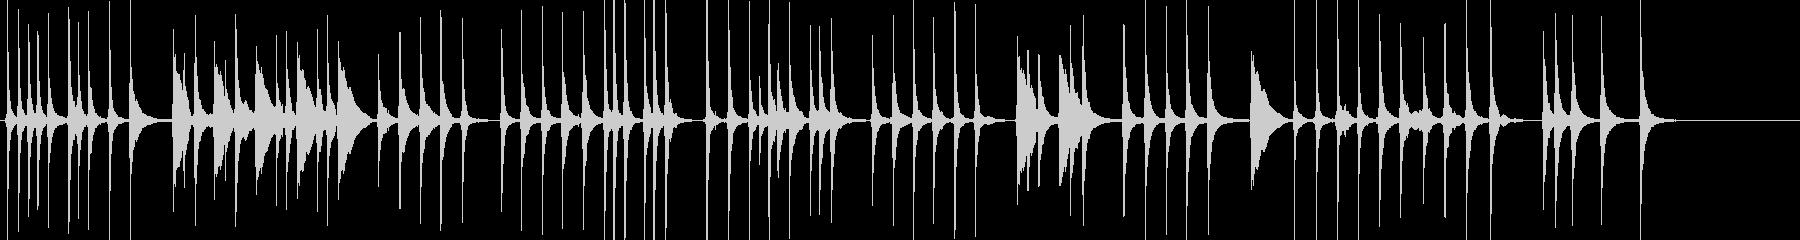 三味線84鷺娘16袖傘や生音歌舞伎妖怪鷺の未再生の波形